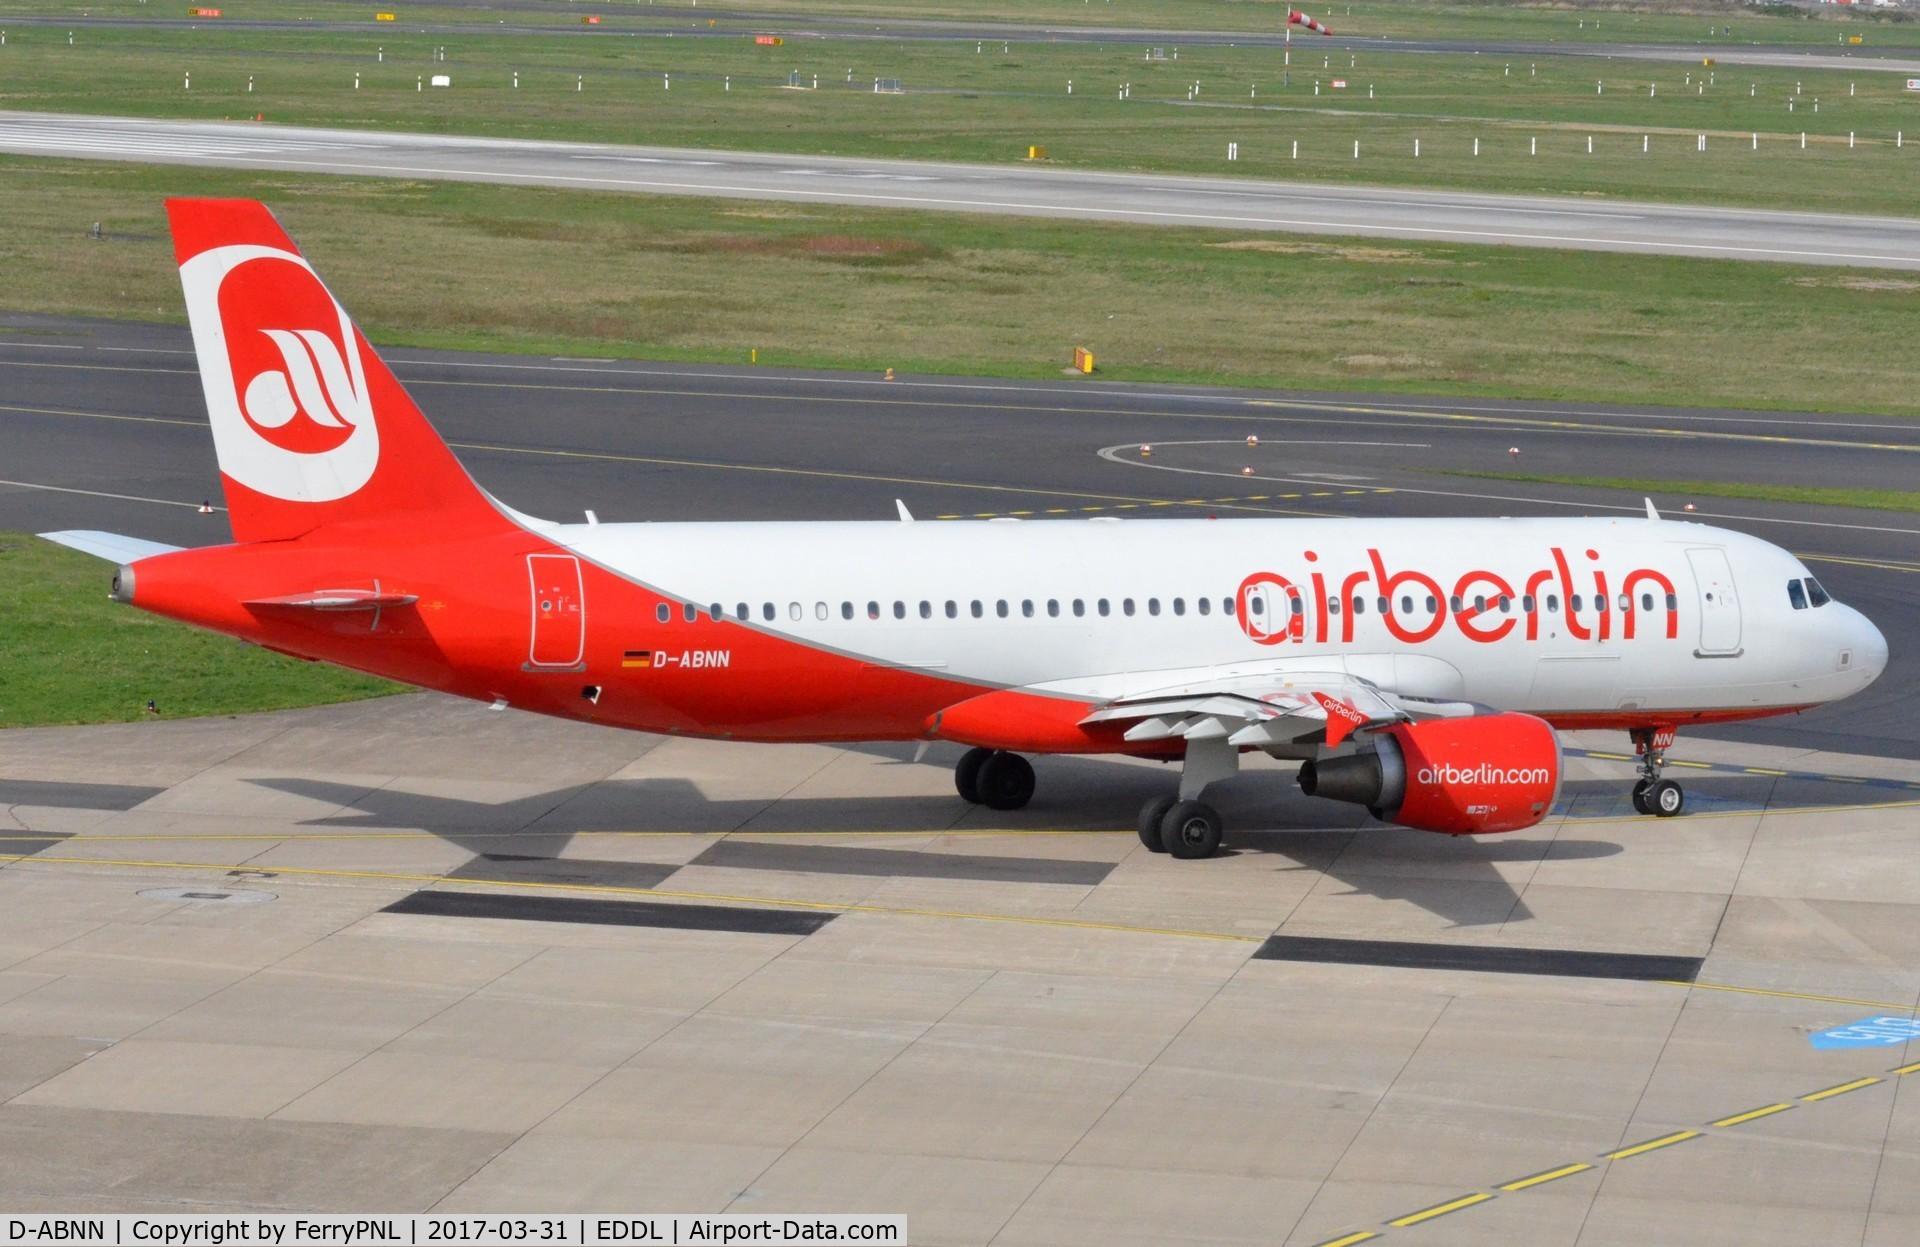 D-ABNN, 2002 Airbus A320-214 C/N 1889, Air Berlin A320